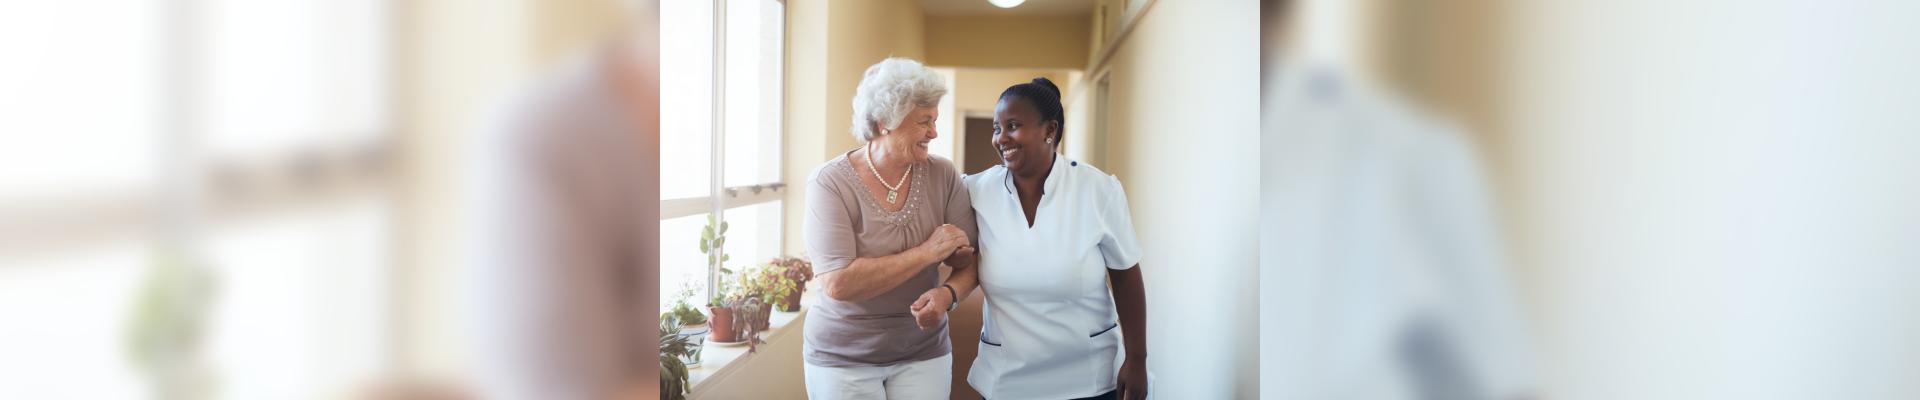 nurse counseling a patient